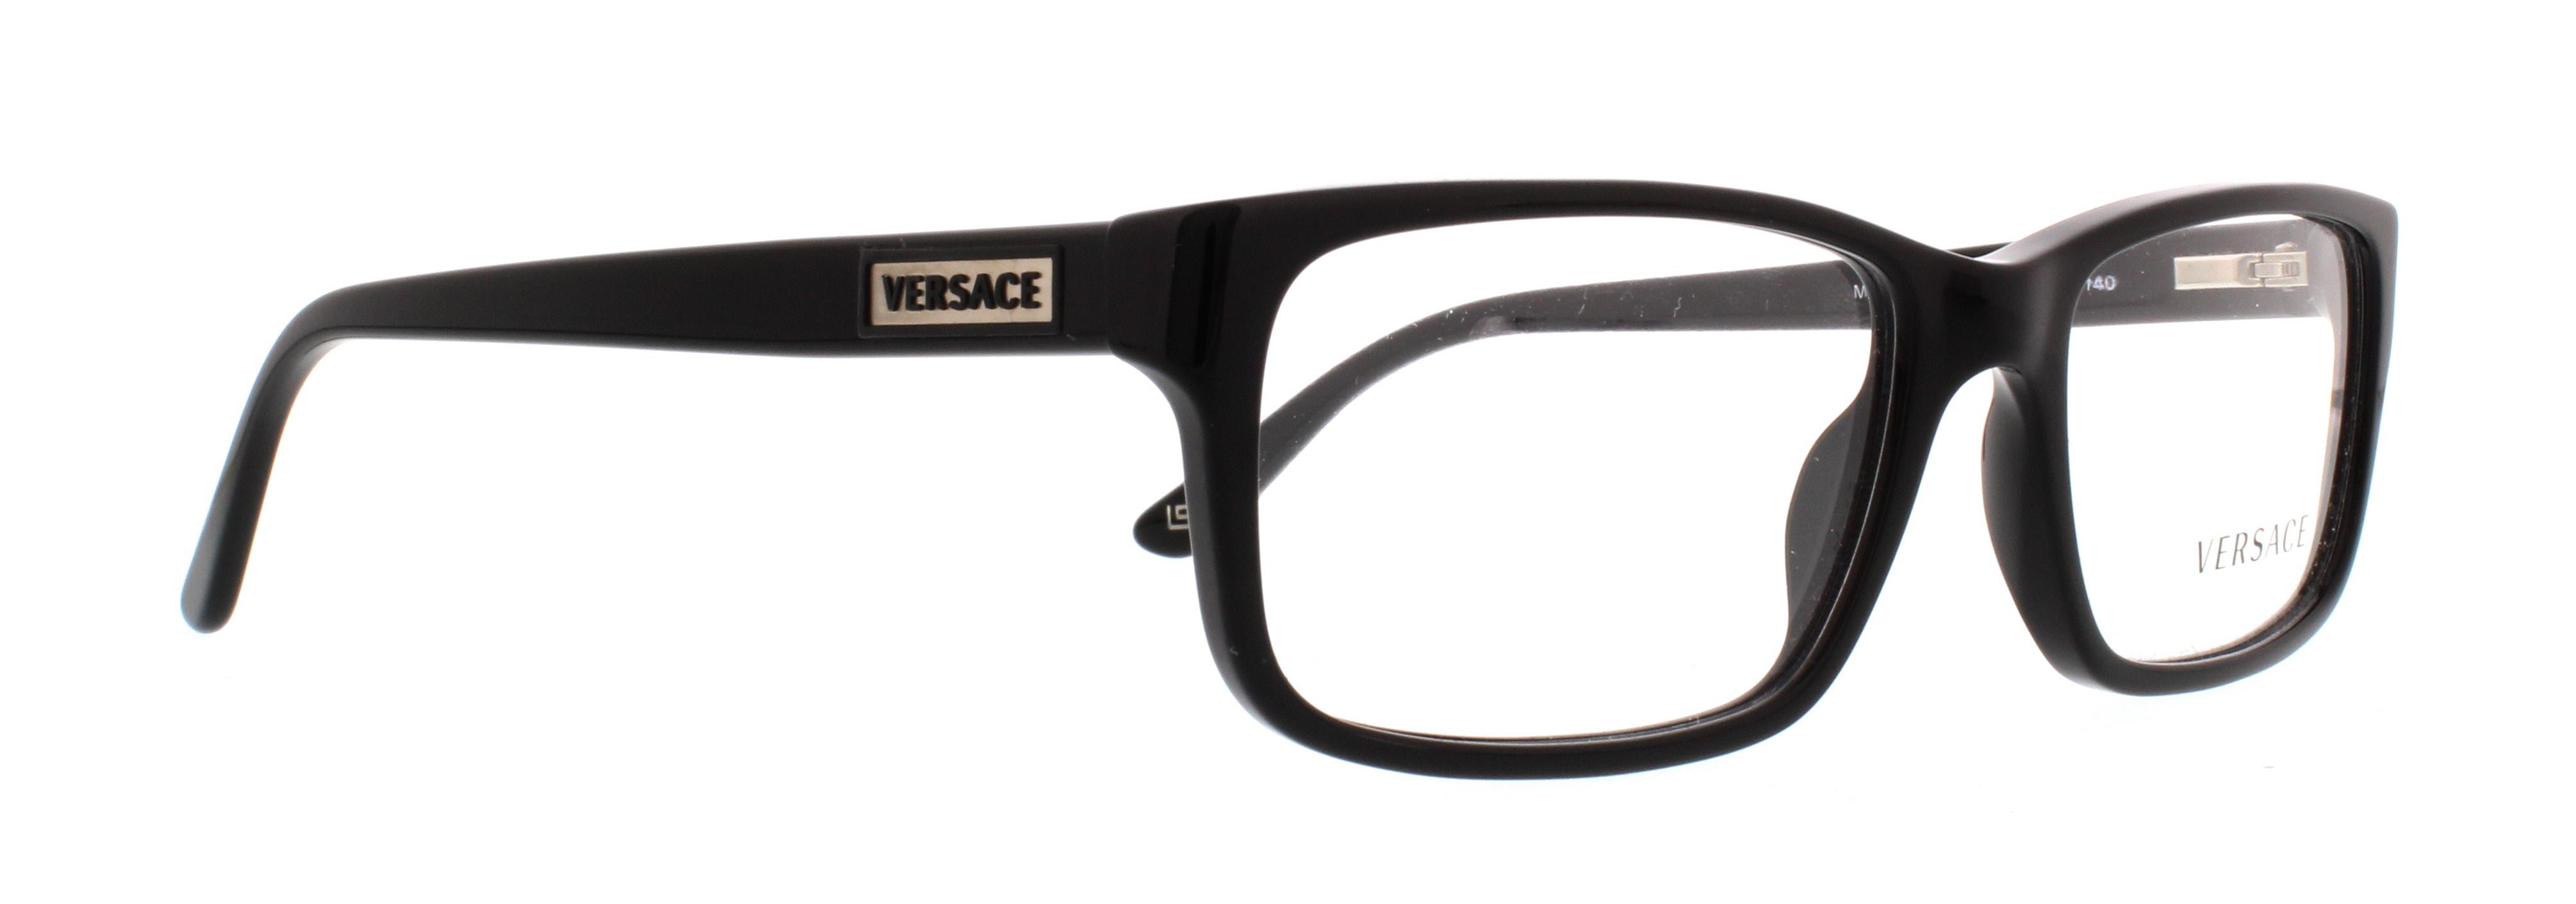 d226805cb92 Designer Frames Outlet. Versace VE3154